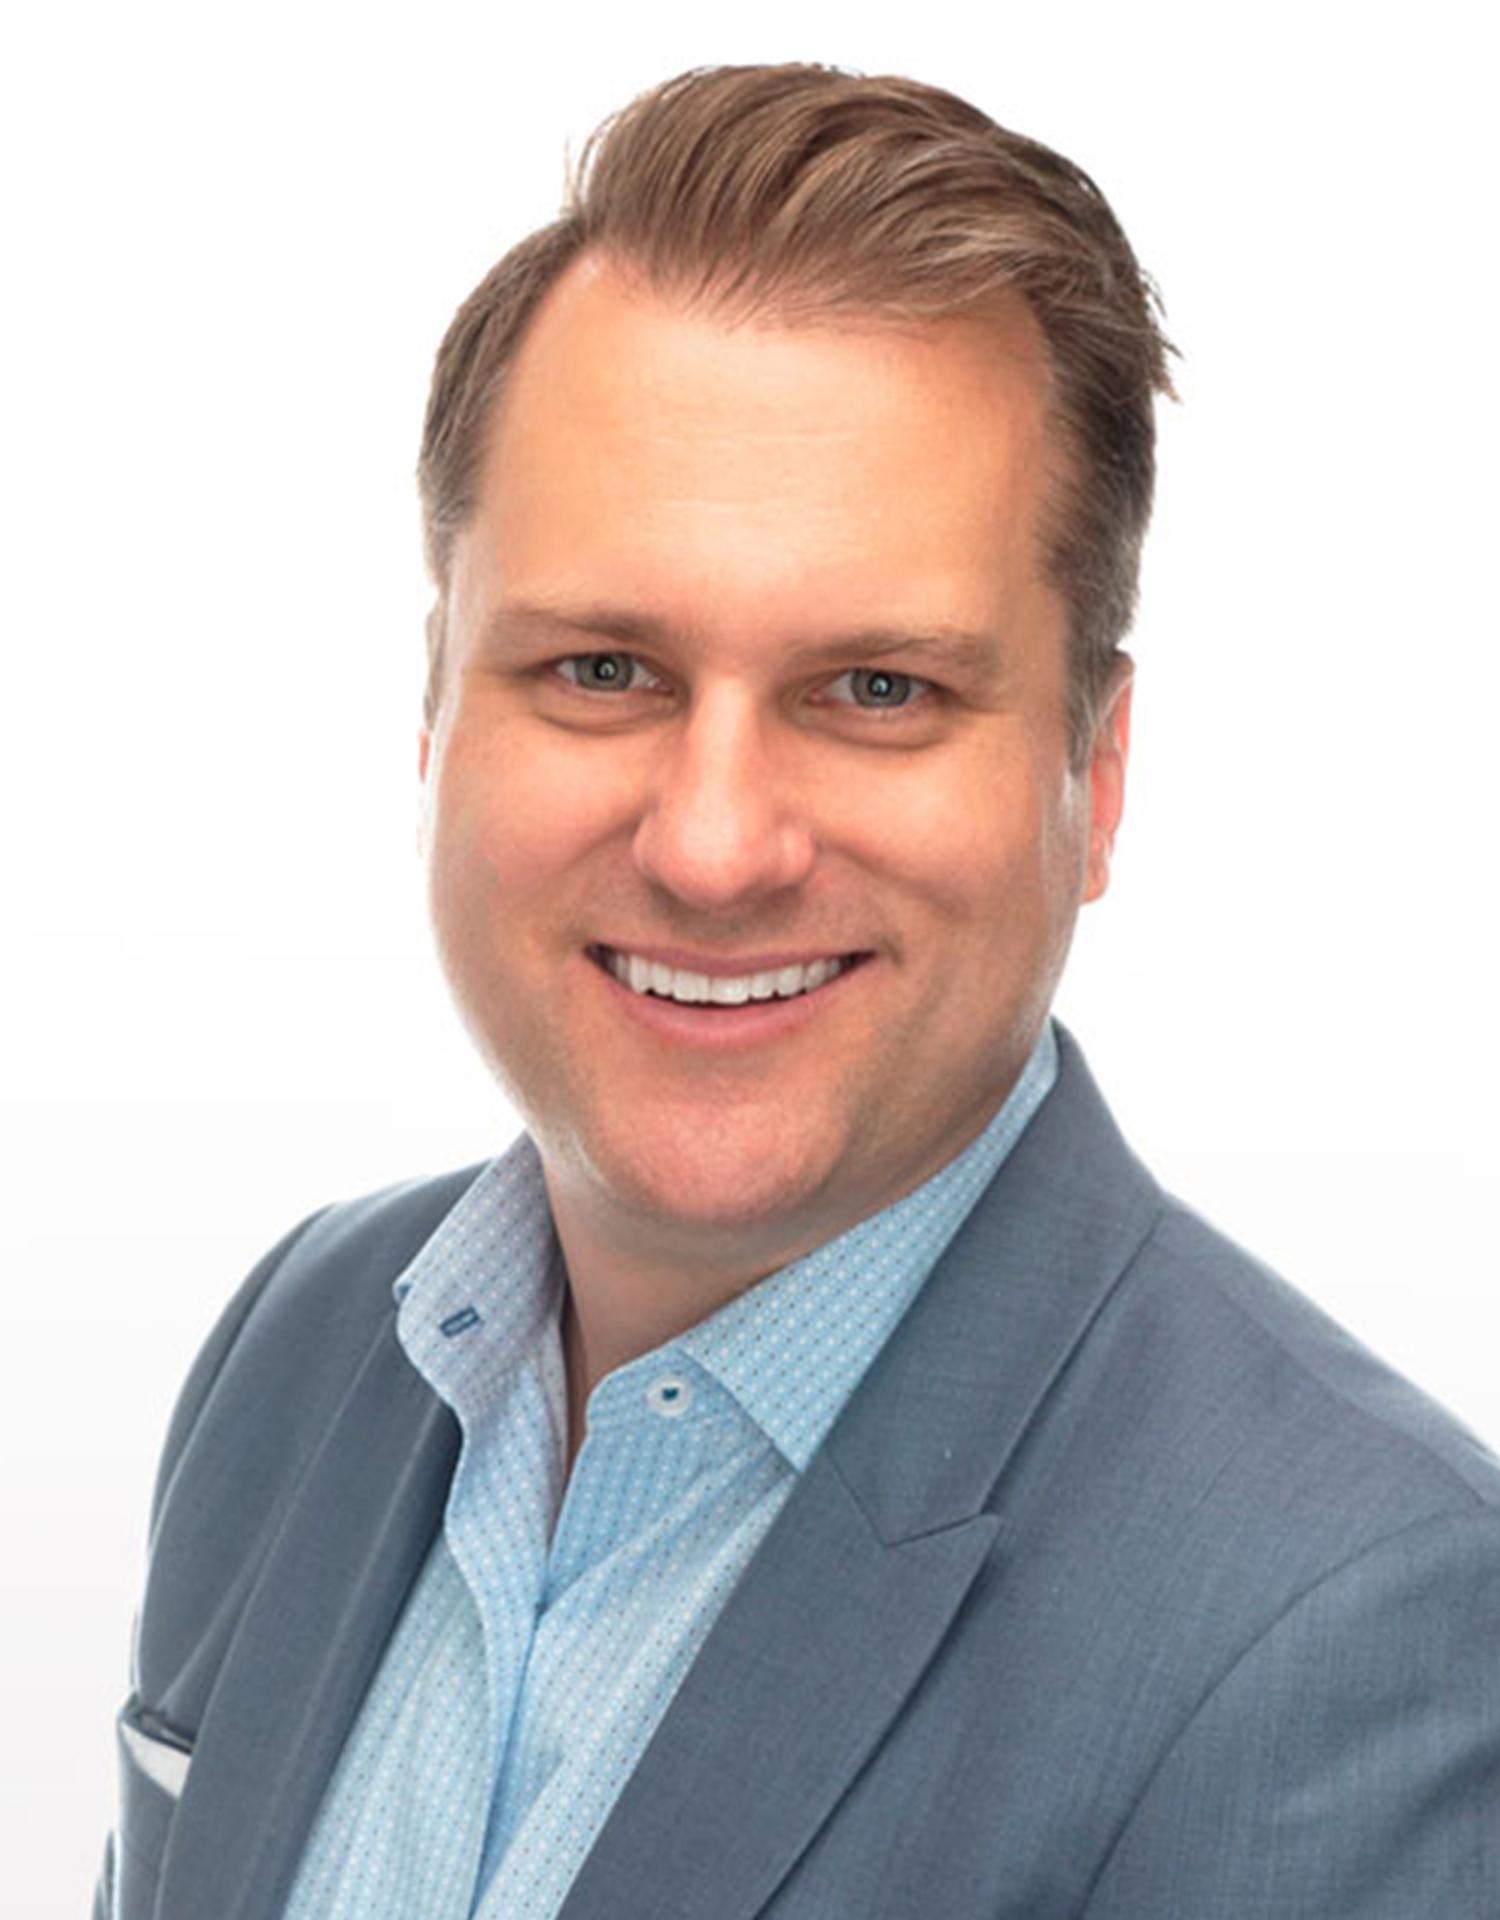 Steve Bachtel